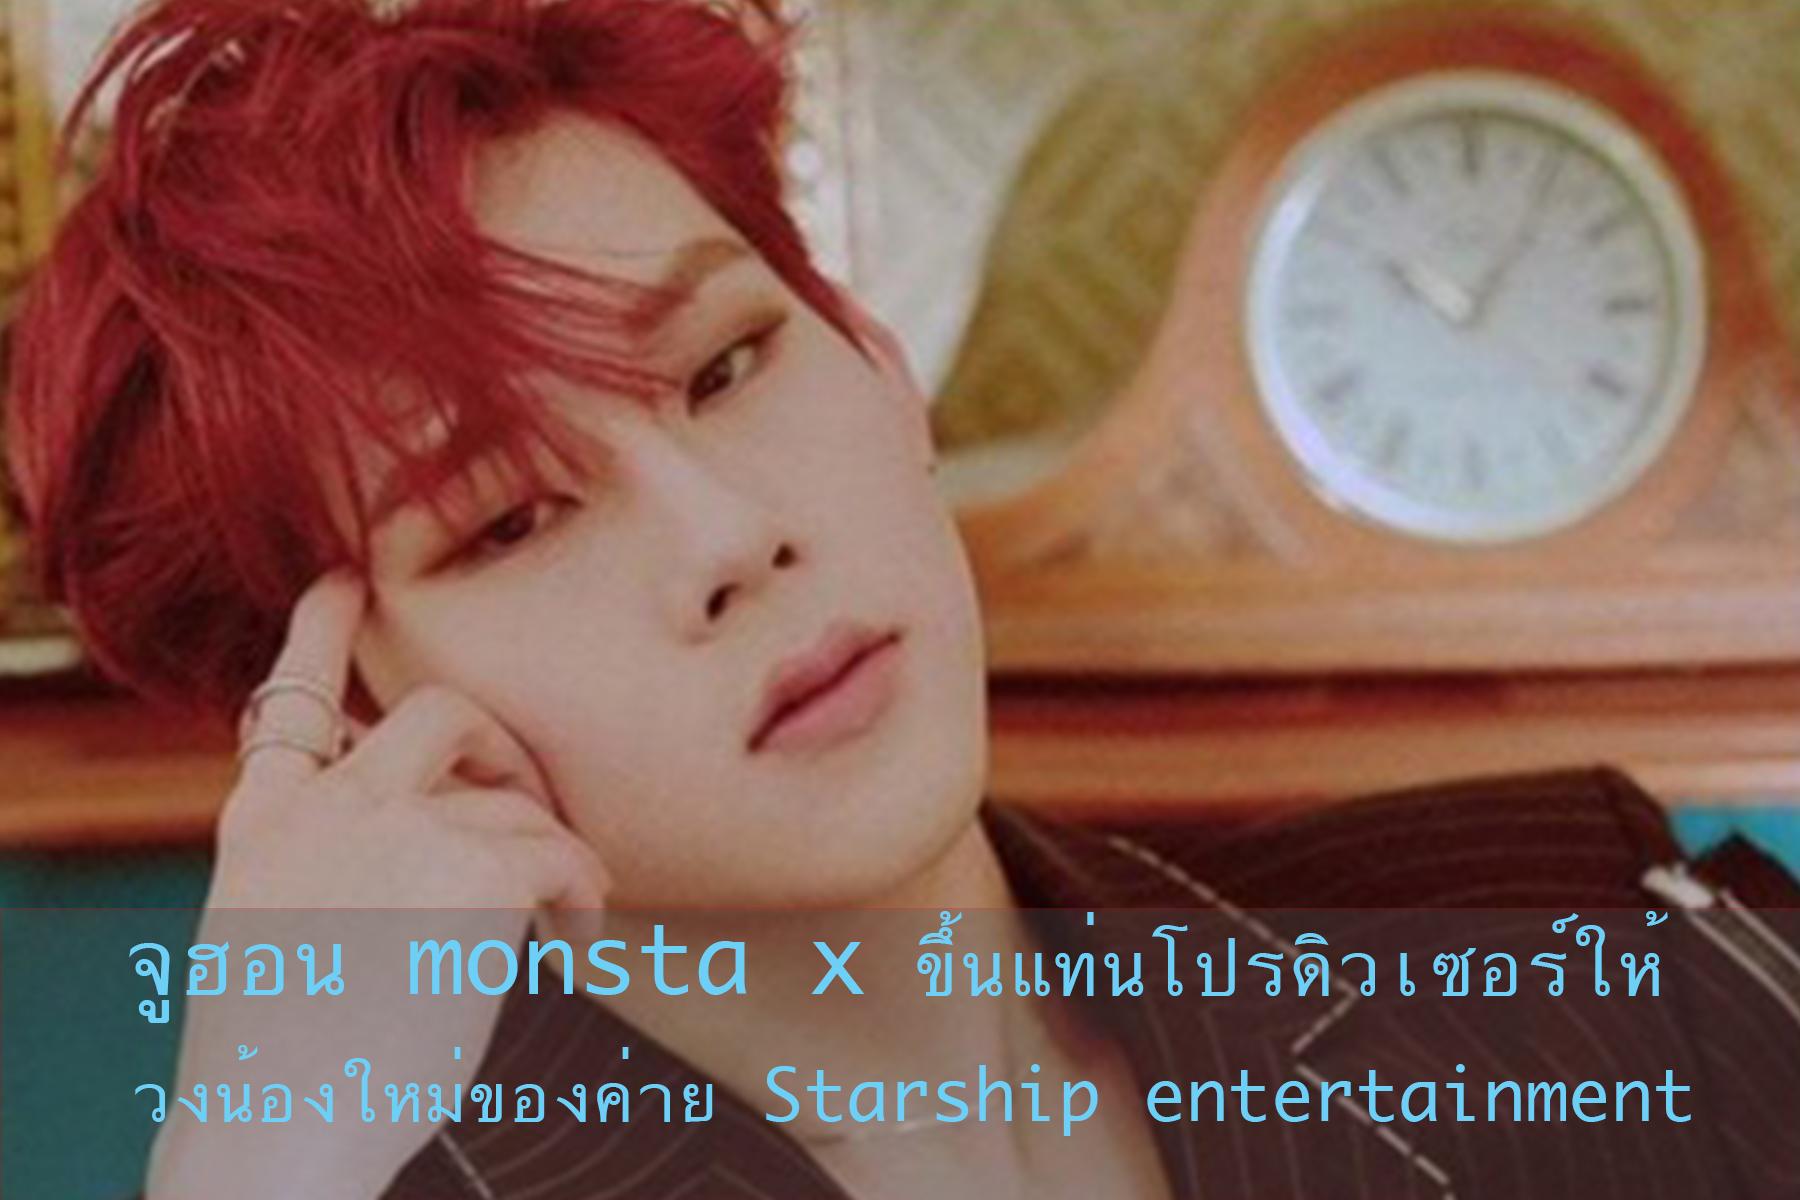 จูฮอน monsta x ขึ้นแท่นโปรดิวเซอร์ให้วงน้องใหม่ของค่าย Starship entertainment